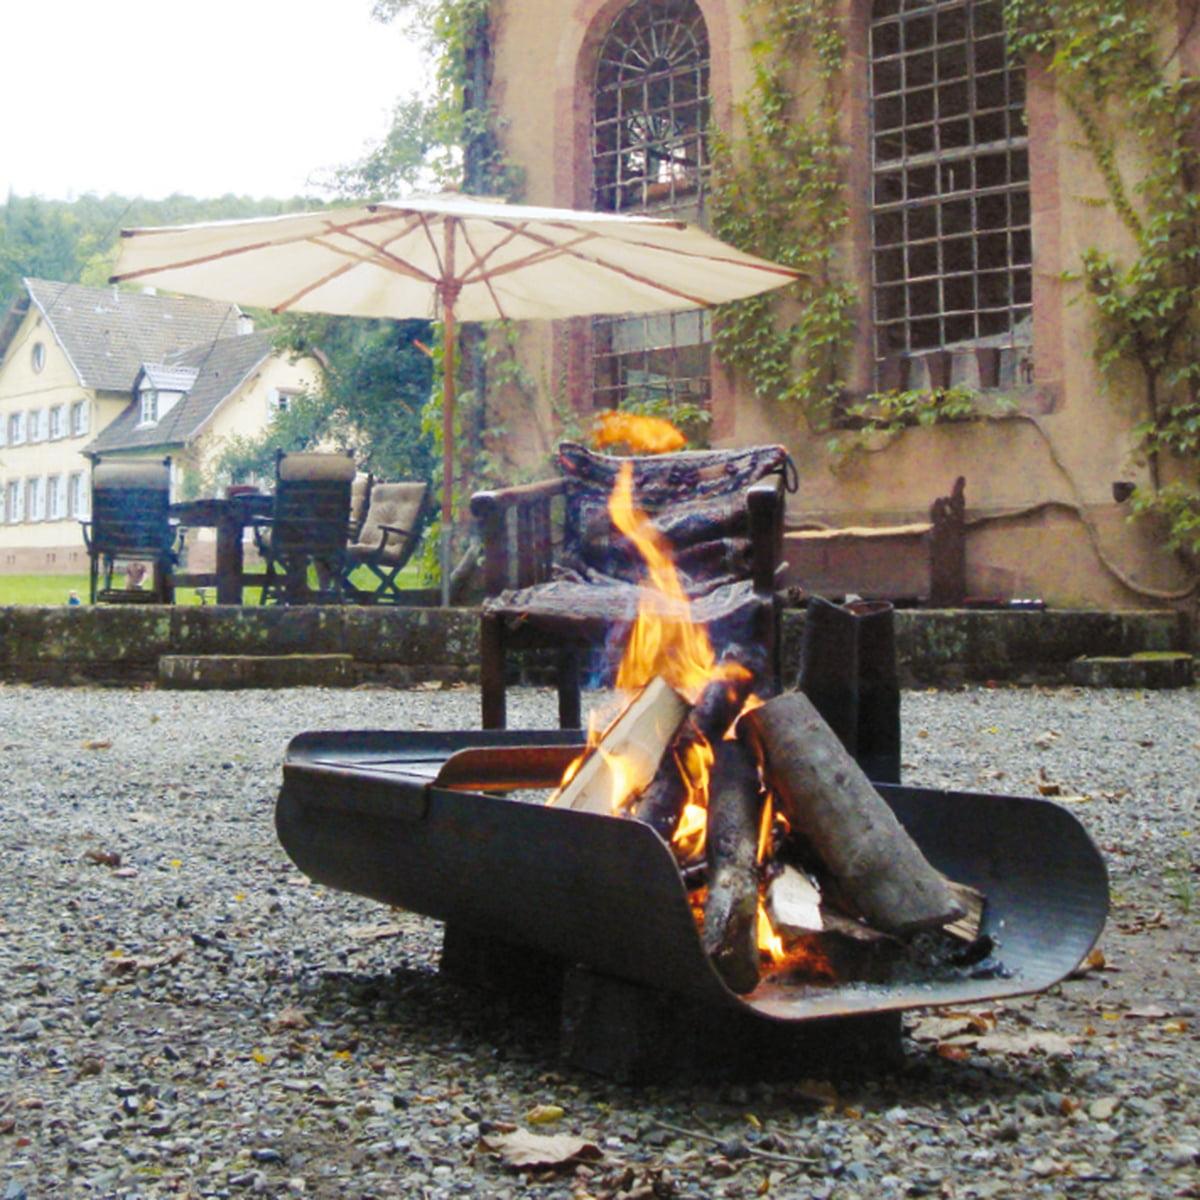 Feuerschale bauhaus excellent feuerschale garten erlaubt for Feuerkorb hornbach